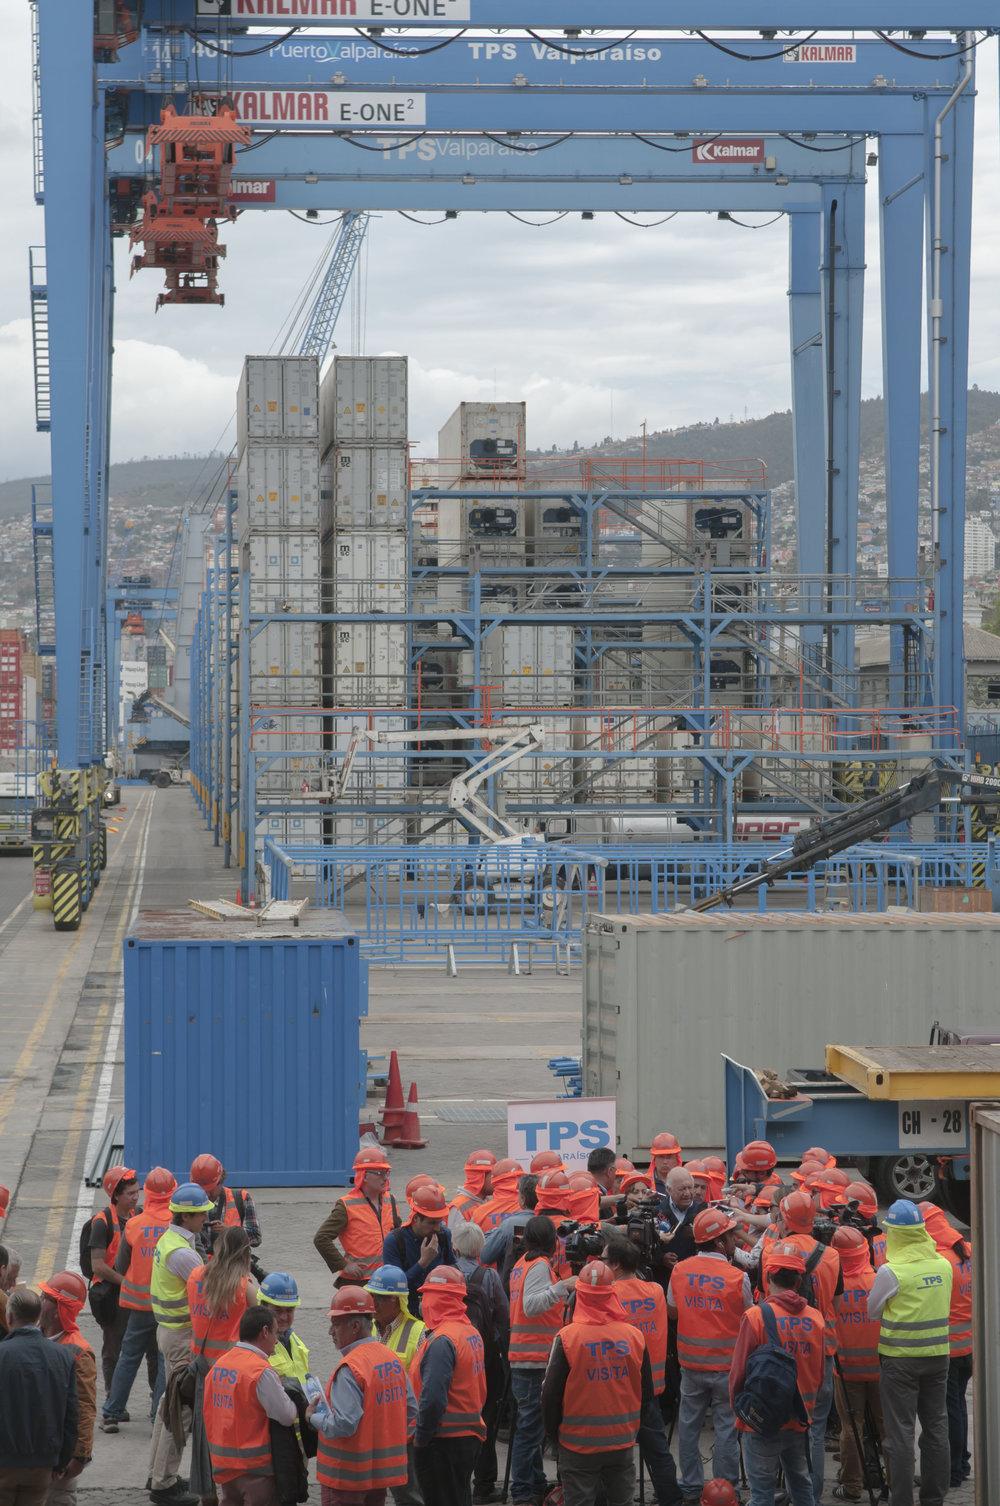 Conferencia de prensa en el puerto de Valparaíso.